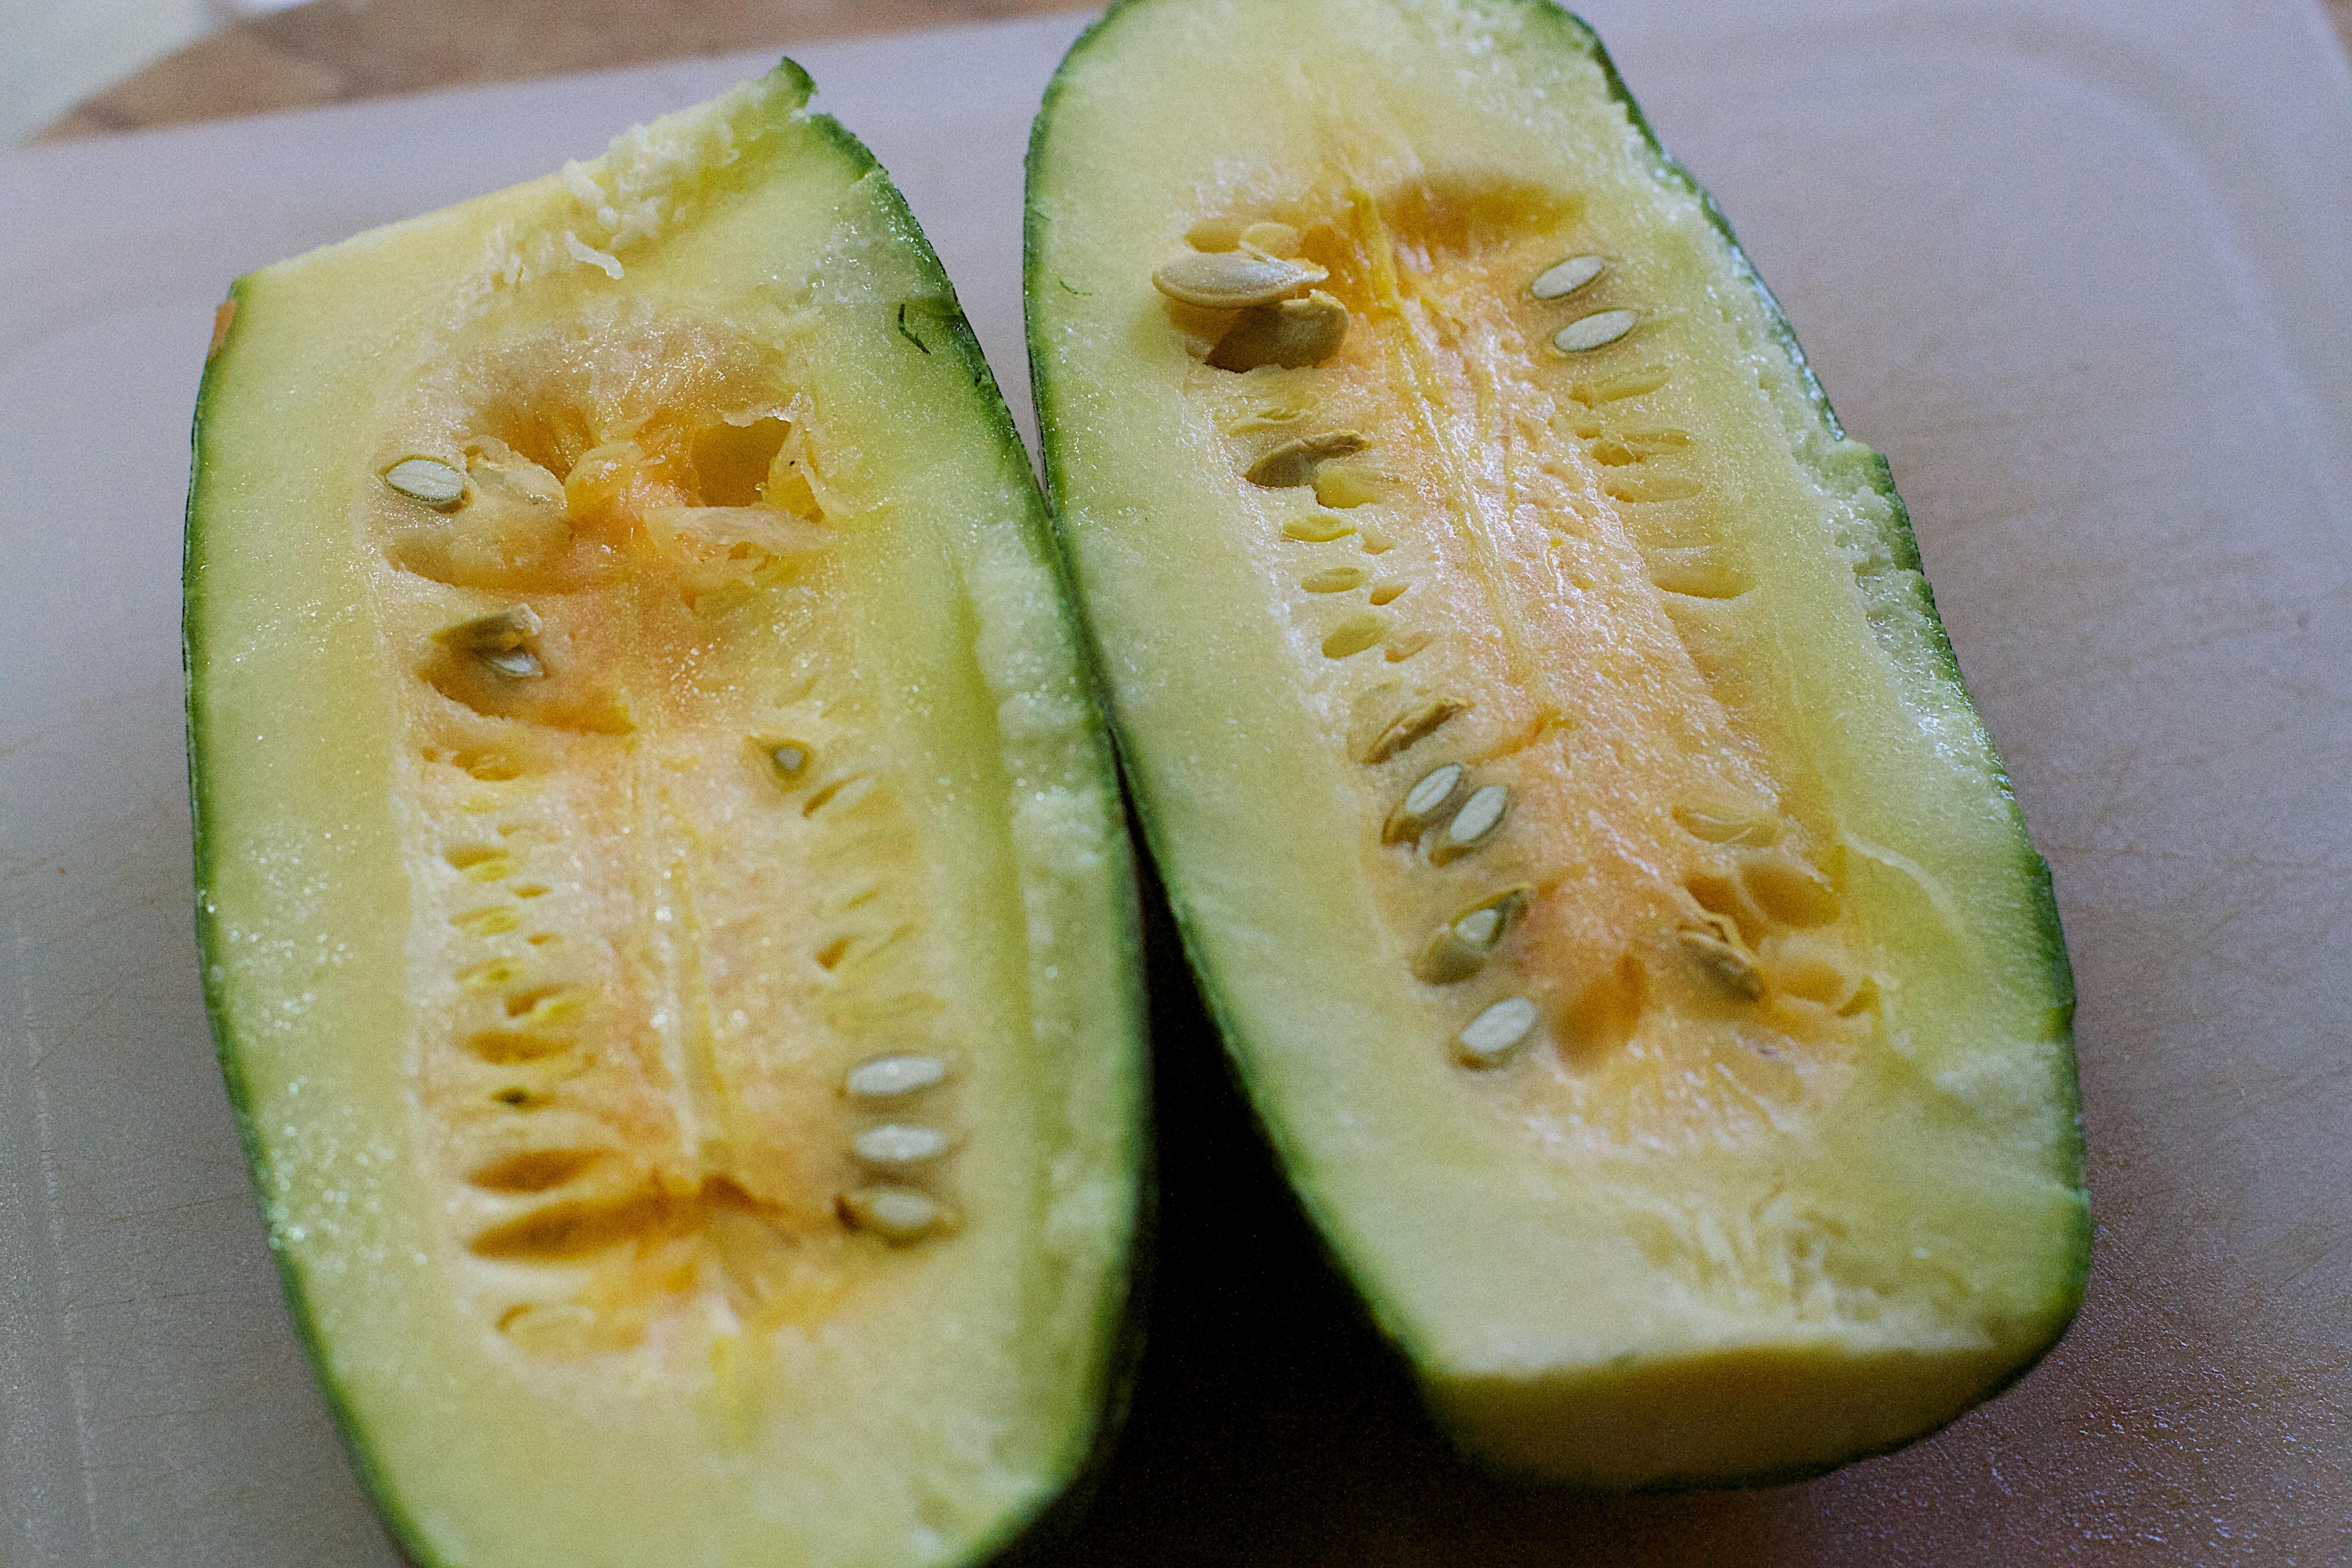 Manfaat Buah dan Sayur Untuk Kesehatan Tubuh